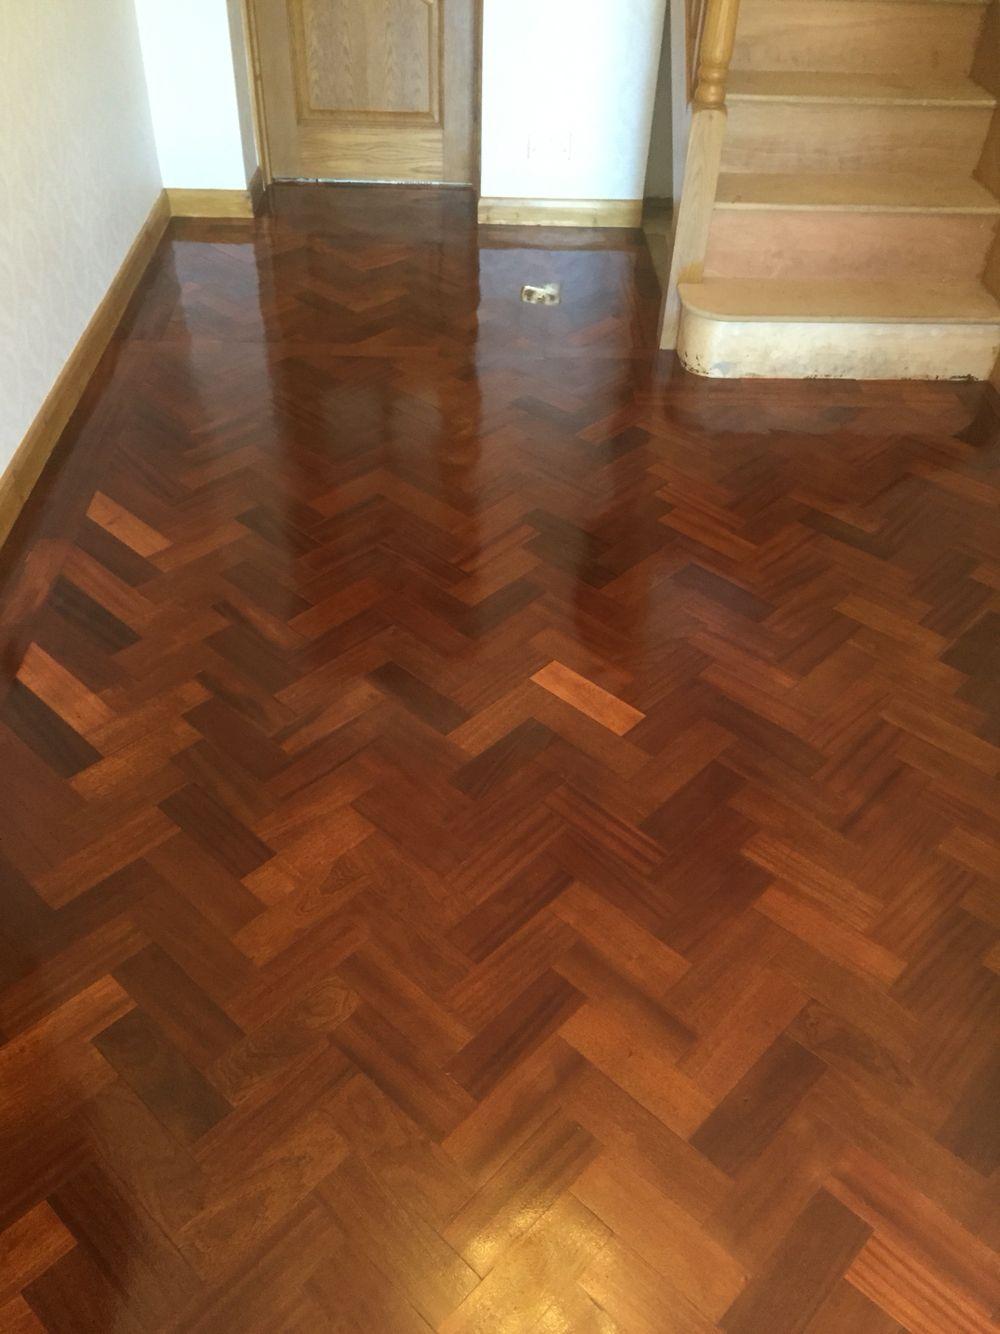 Parquet Flooring Repair And Refinish Flooring